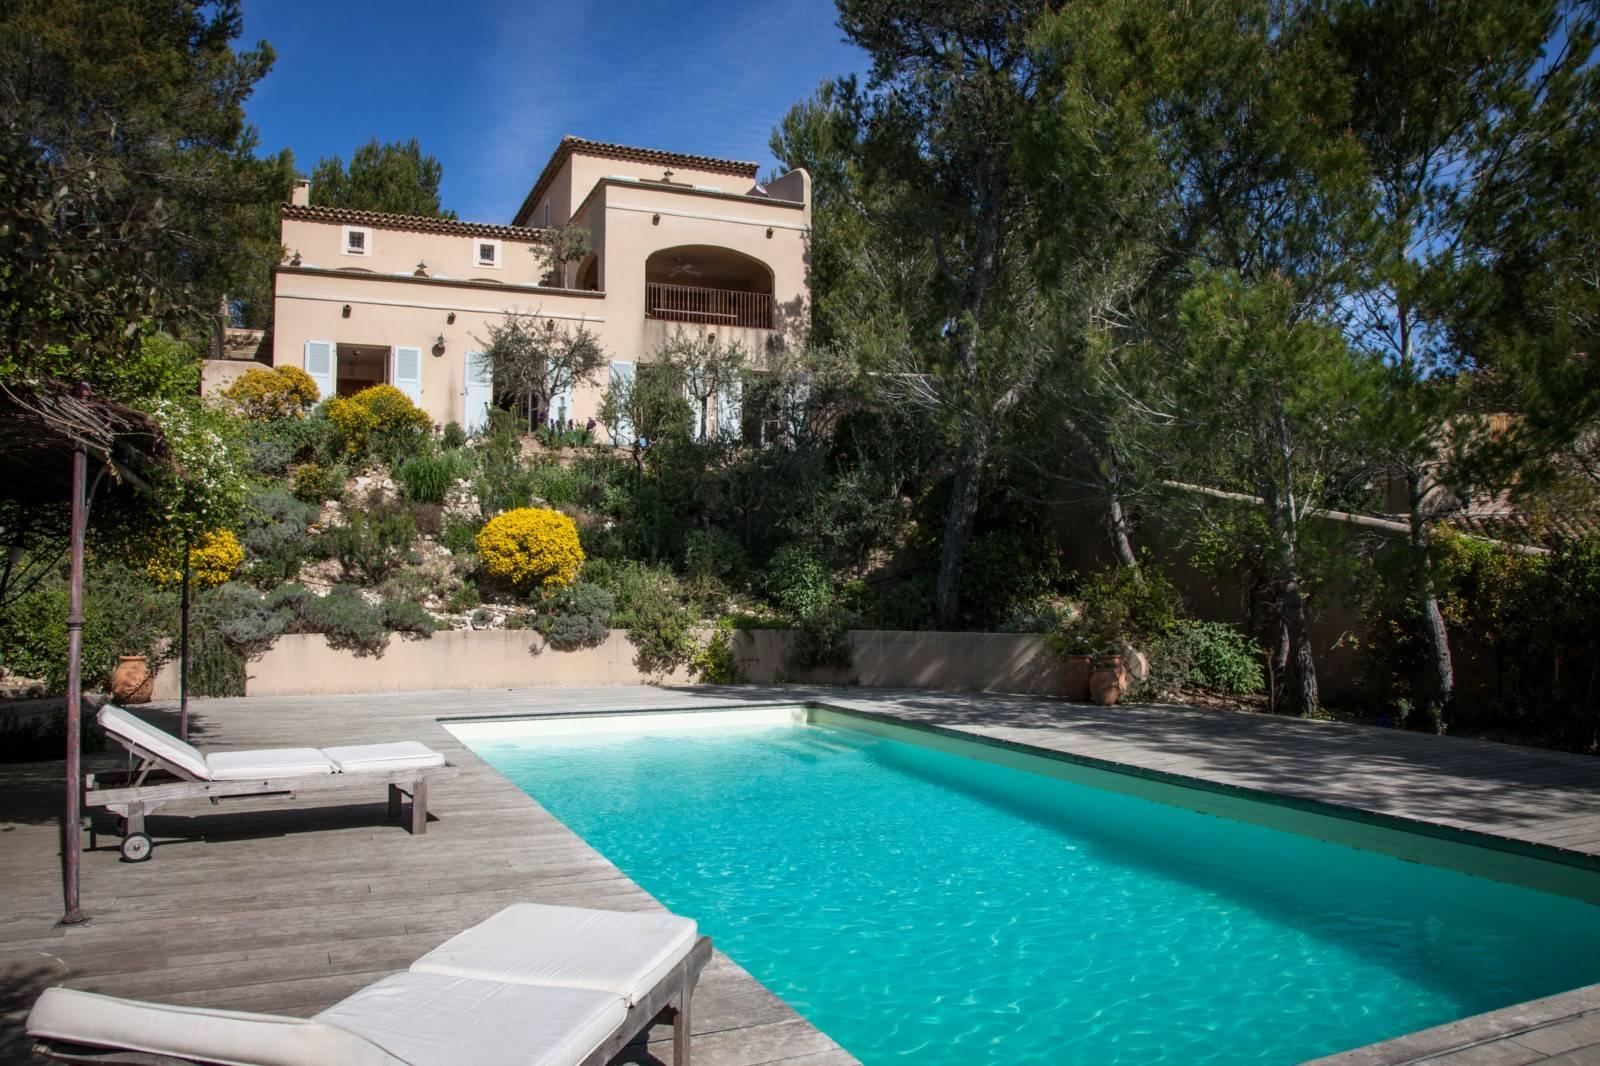 Villa dans le golf de Pont Royal en Provence, 5 chambres, vue dégagée.